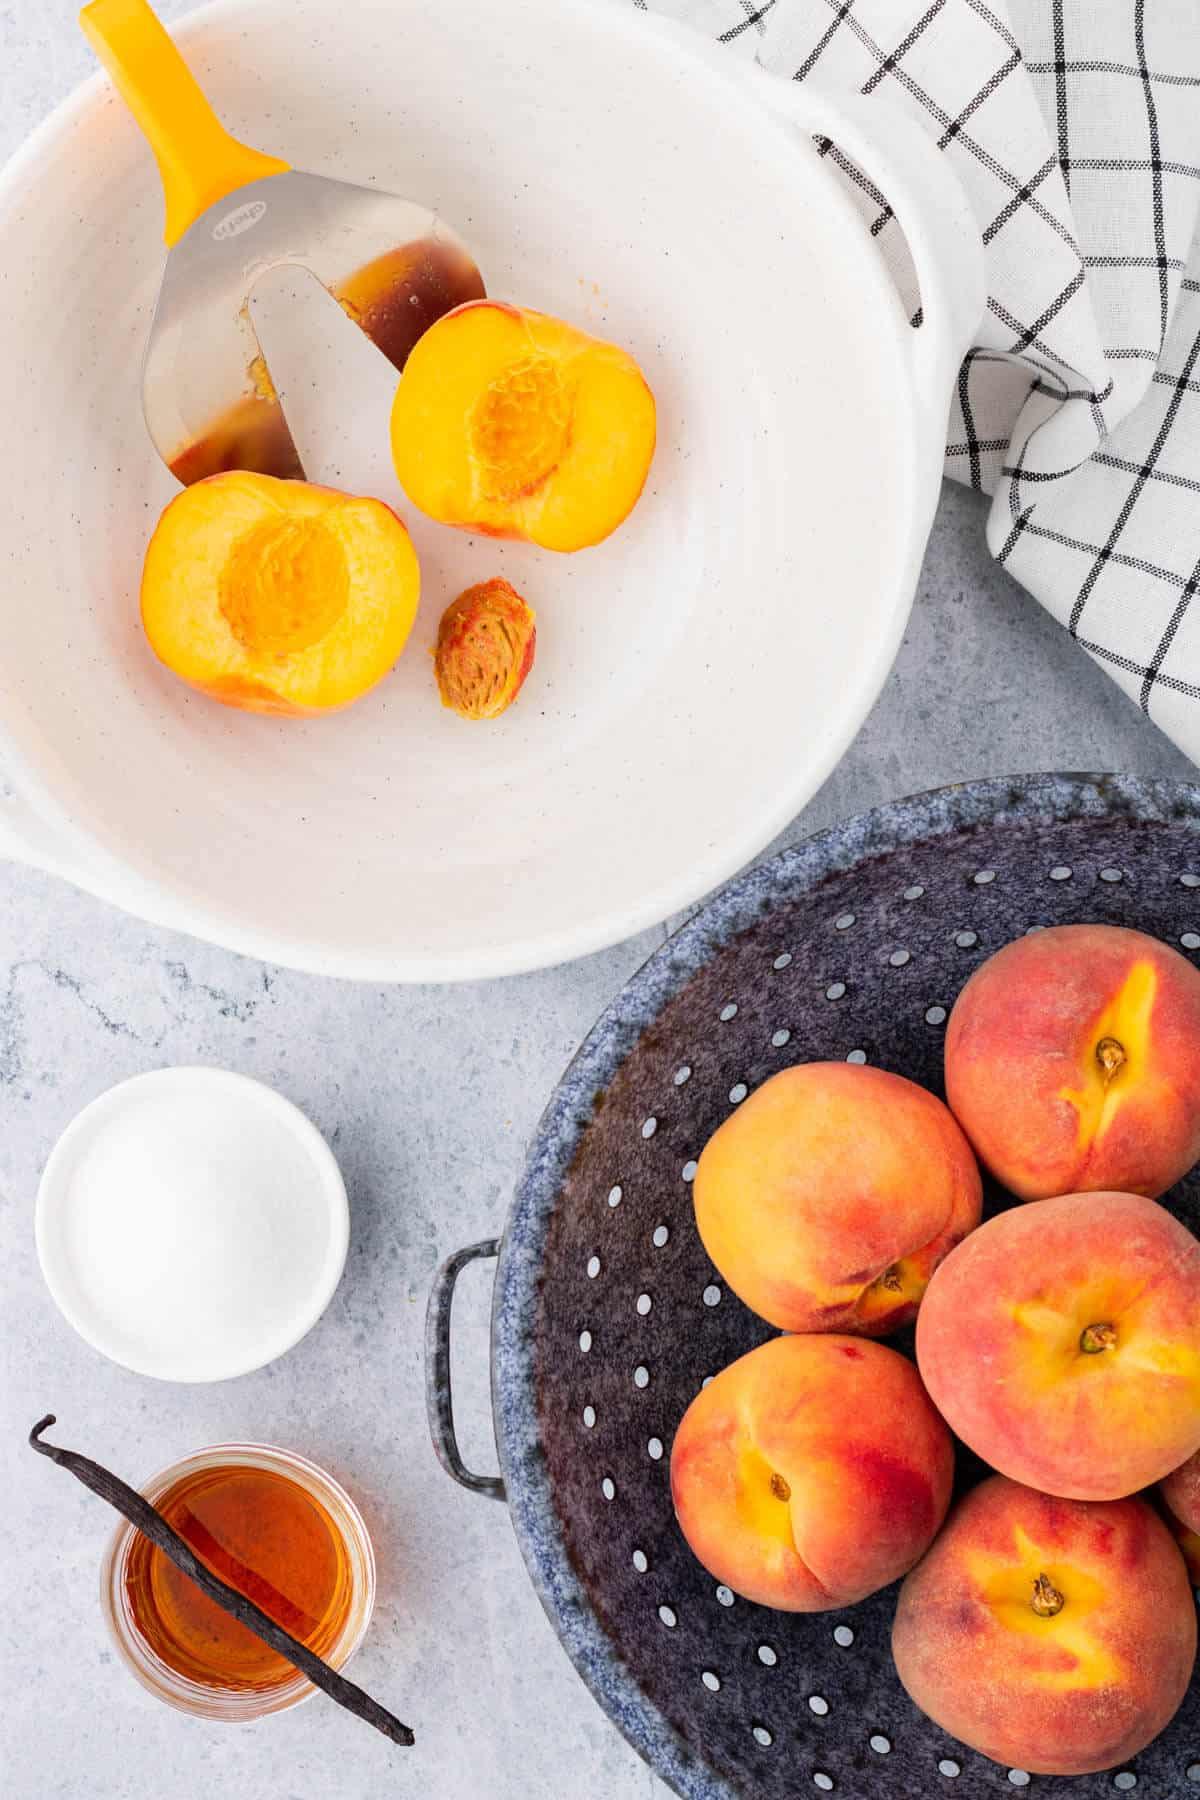 A split peach in a white bowl with a peach splitter tool.